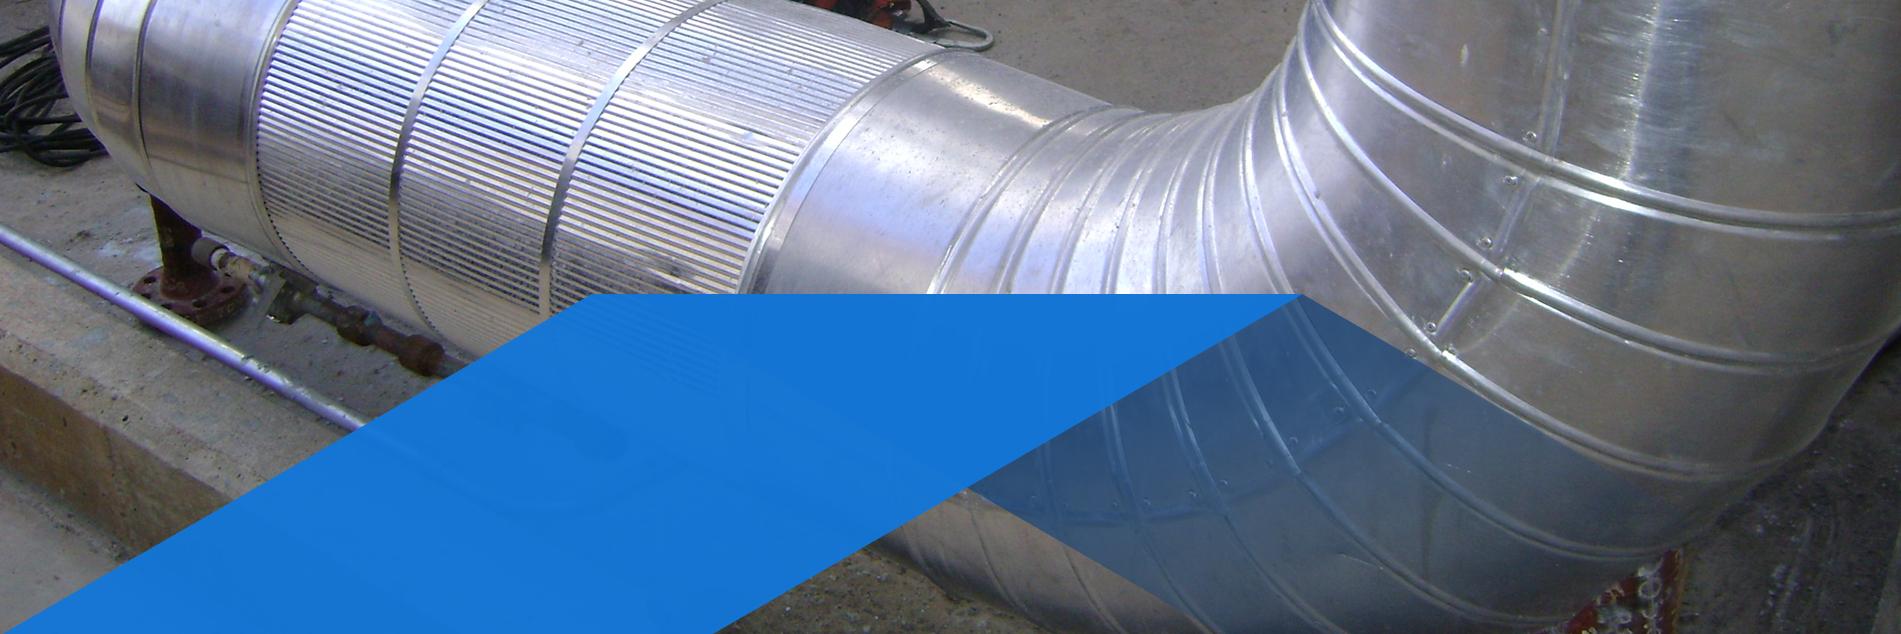 Isolamento térmico de tubulações e equipamentos